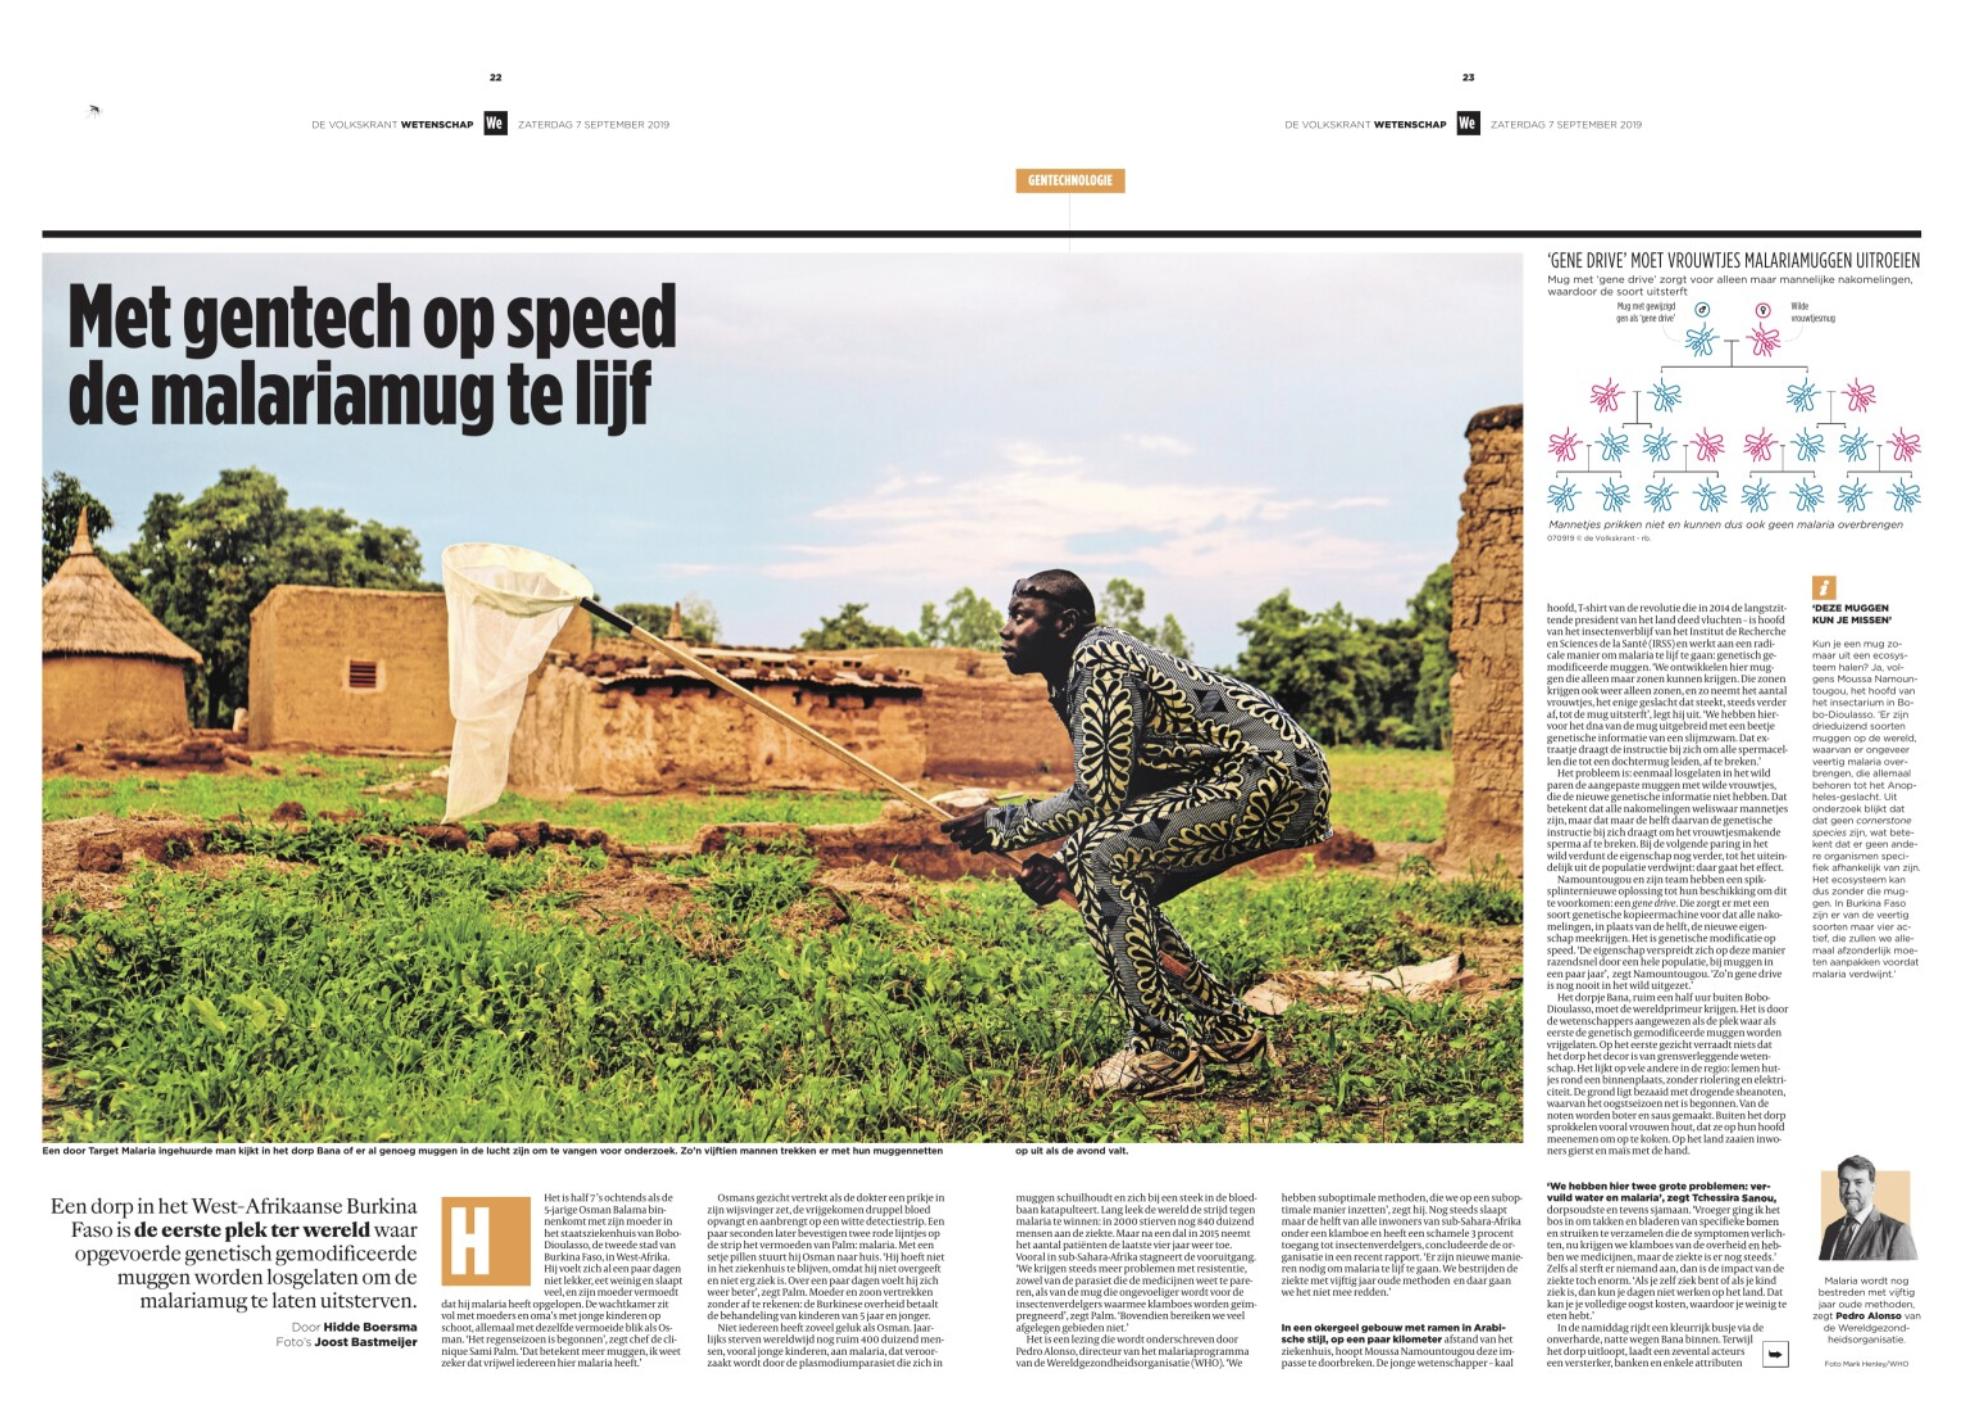 De Volkskrant Africa Afrika story verhaal malaria Burkina Faso by Joost Bastmeijer1.png